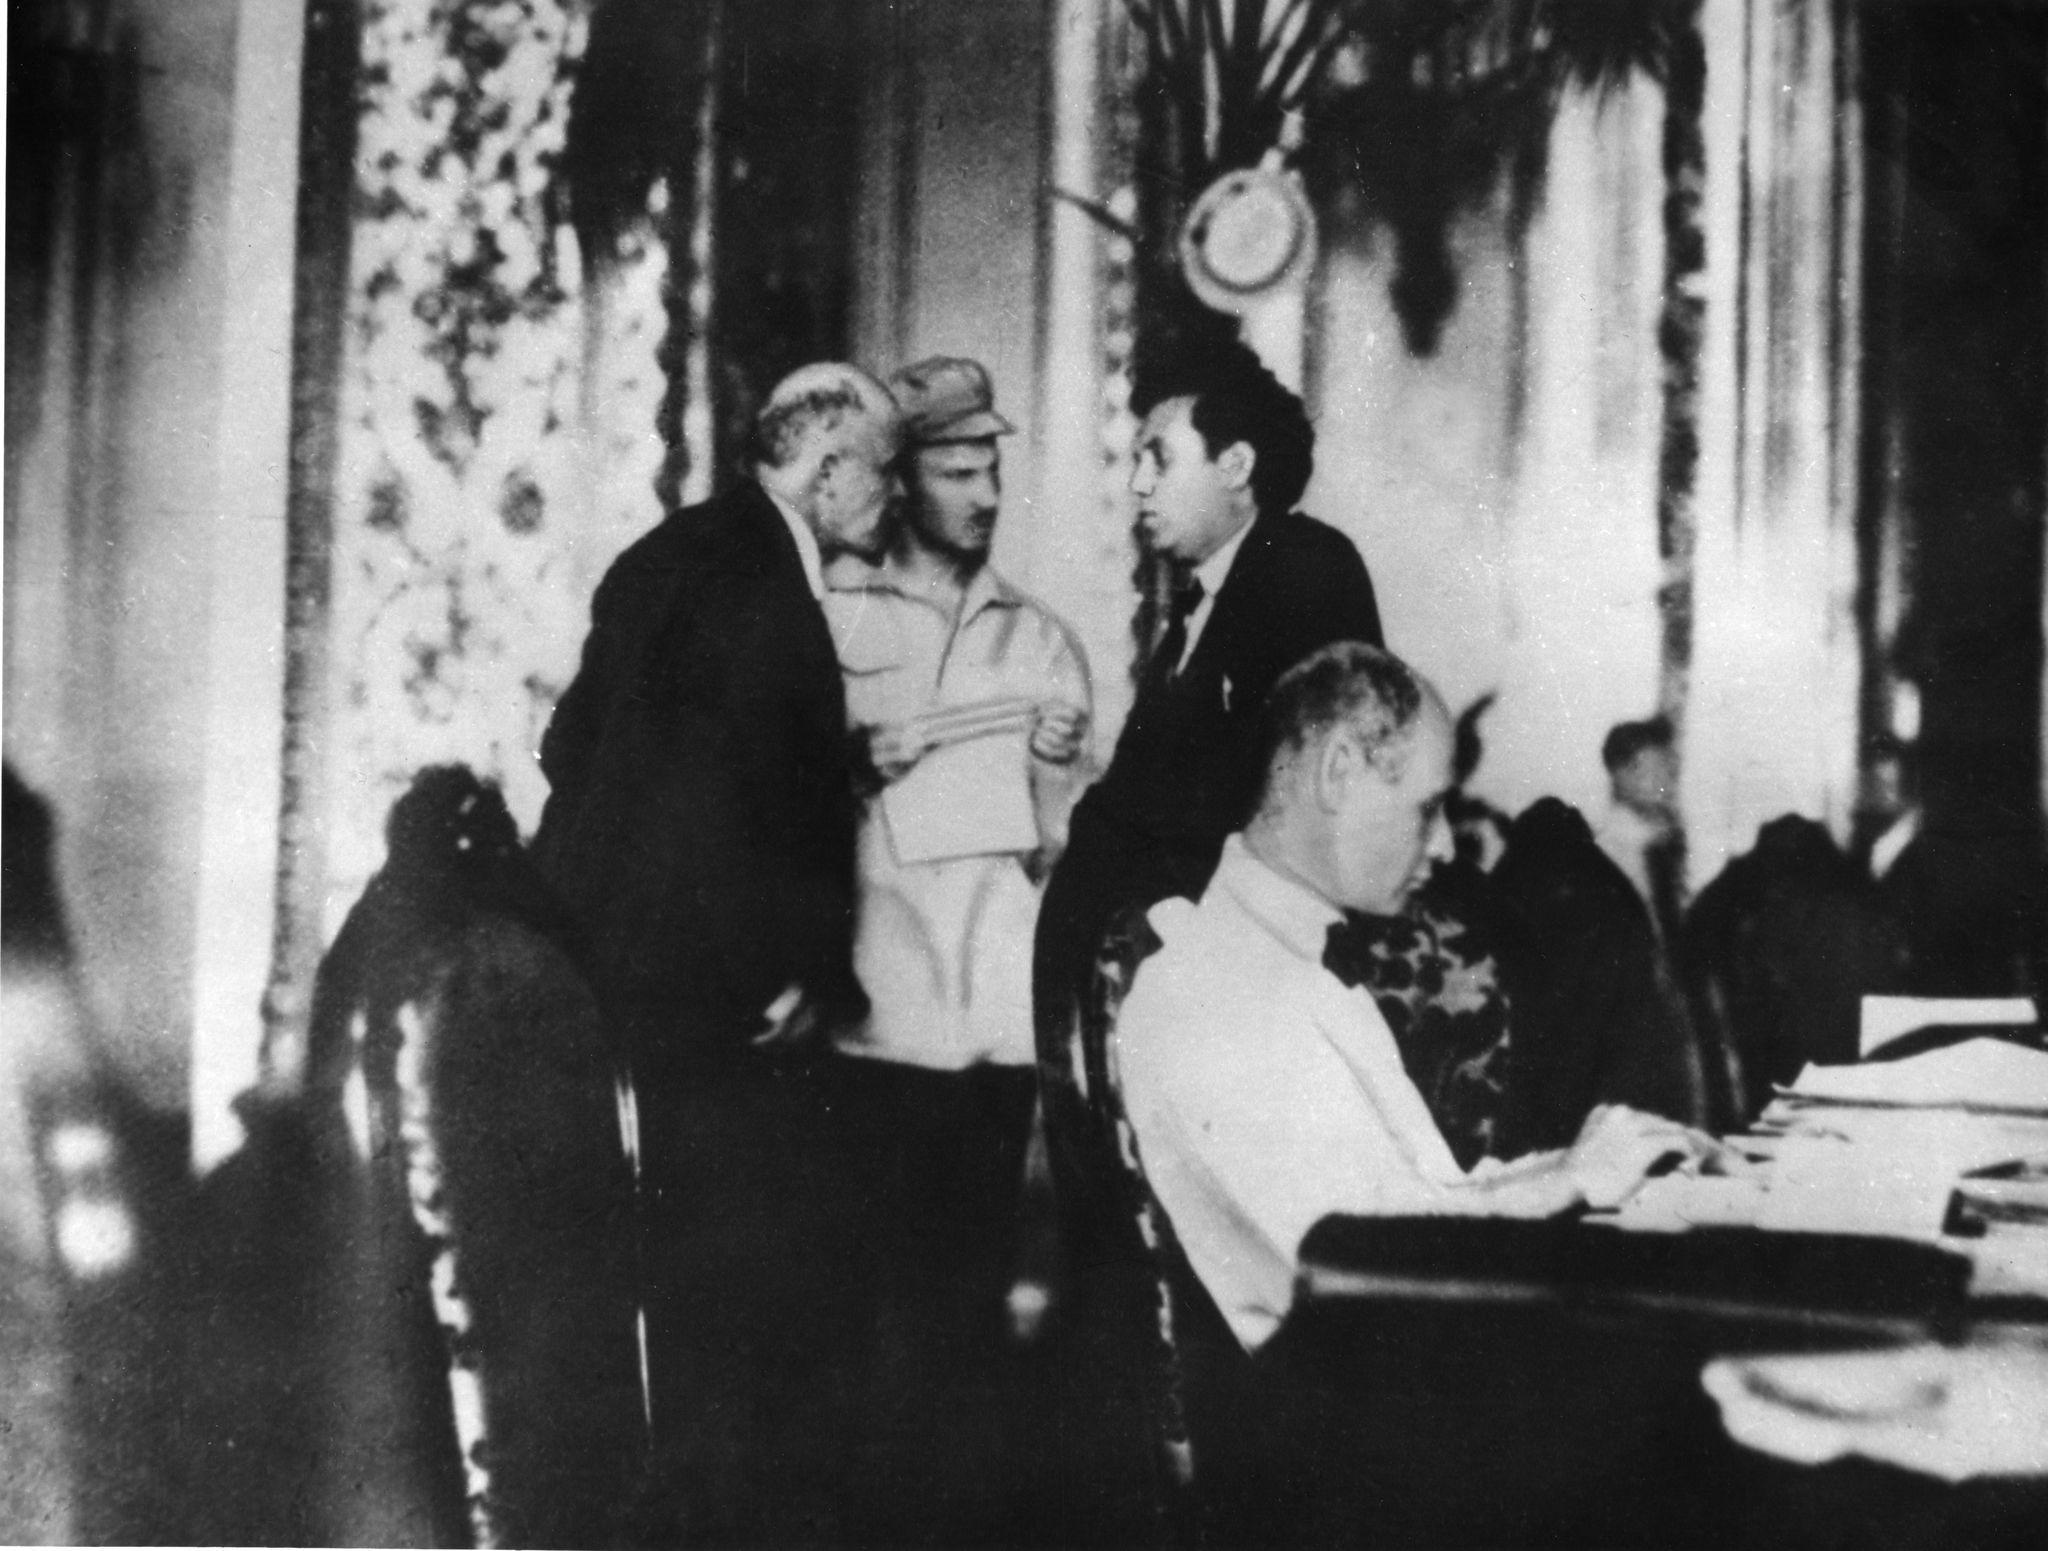 В.И.Ленин, Николай Бухарин и Григорий Зиновьев беседуют во время 2-го съезда Коммунистического Интернационала,